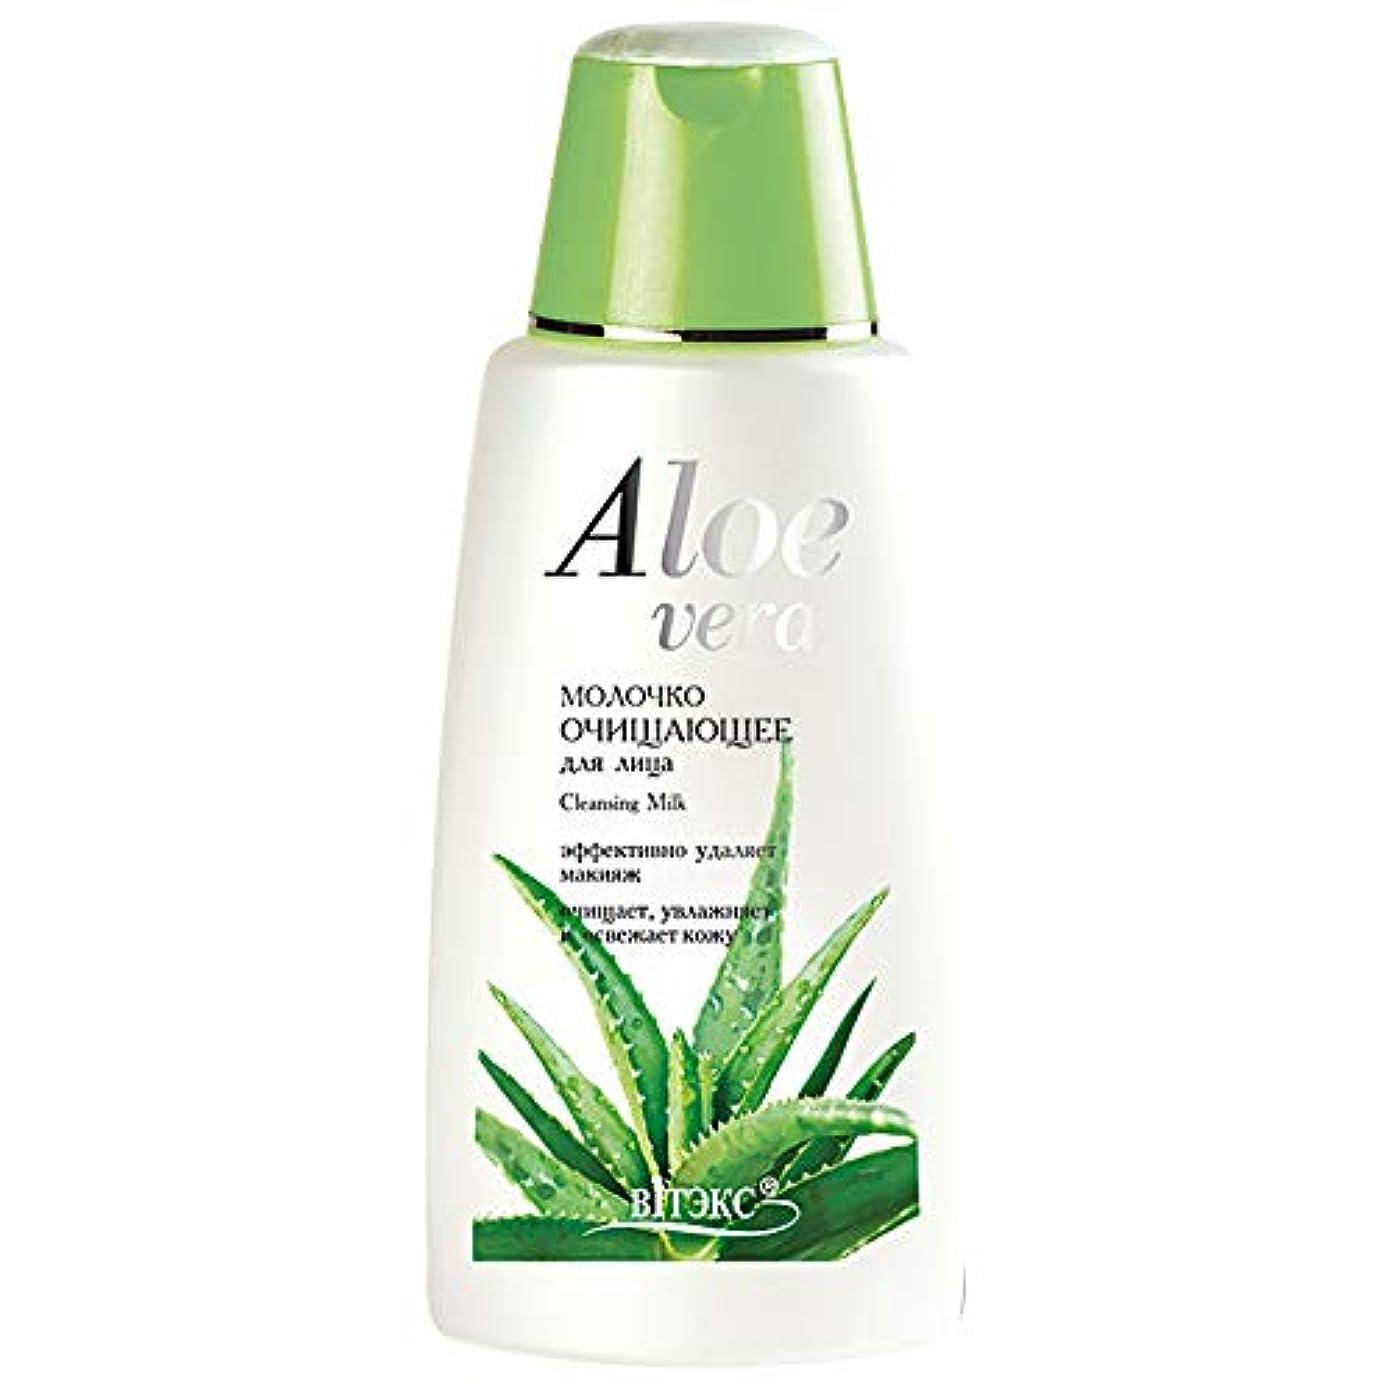 めったに地上でワイヤーBIELITA & VITEX | Aloe Vera | Nourishing Face Cleansing Make Up | Remover Cleansing Milk for All Skin Types |...